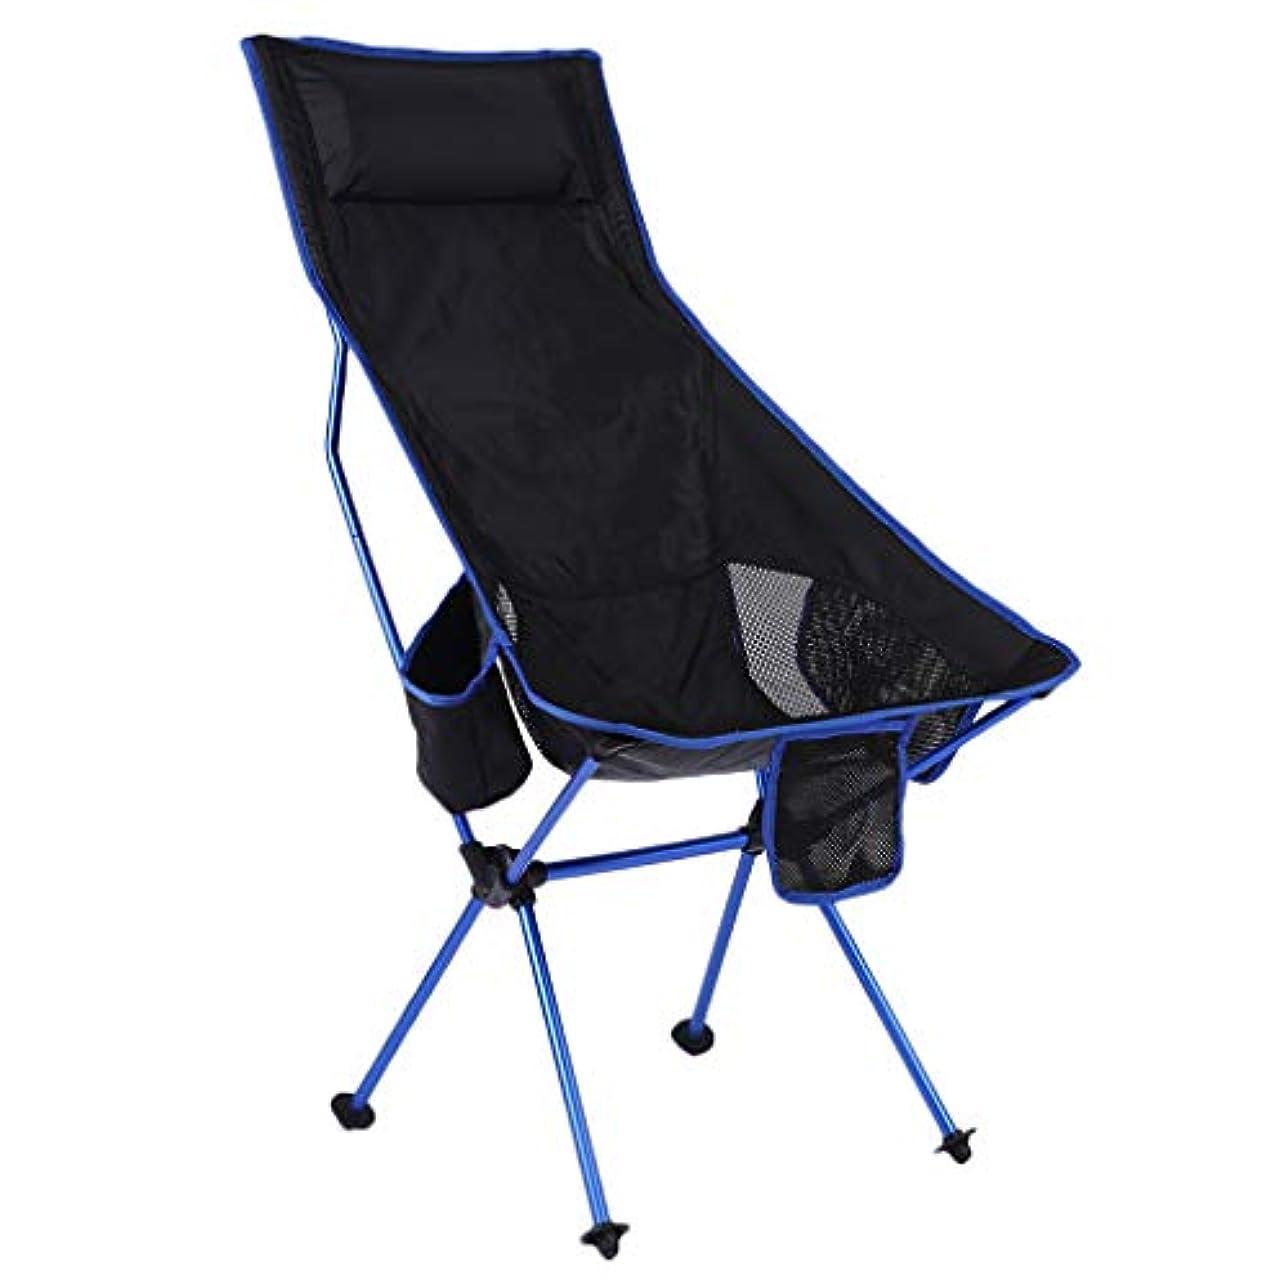 休日に哀れなお手伝いさんFLAMEER 折りたたみチェア ビーチチェア 釣り椅子 滑り止め キャンプ 屋外 収納袋 全3色